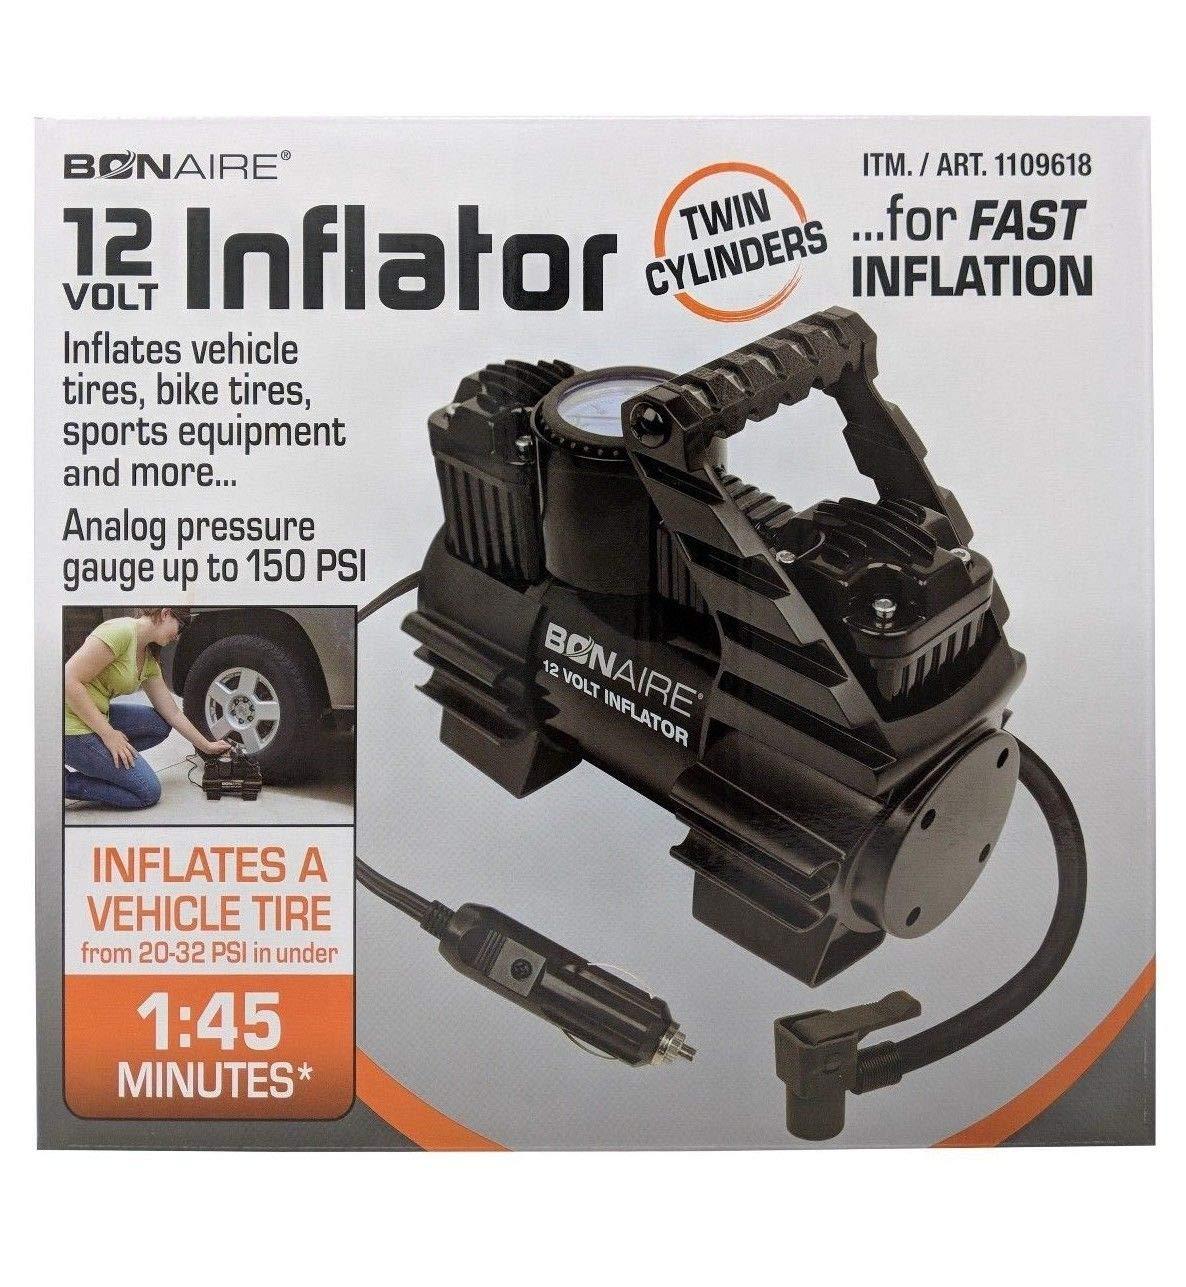 Amazon.com: Bonaire - Inflador de 12 voltios con cilindros ...